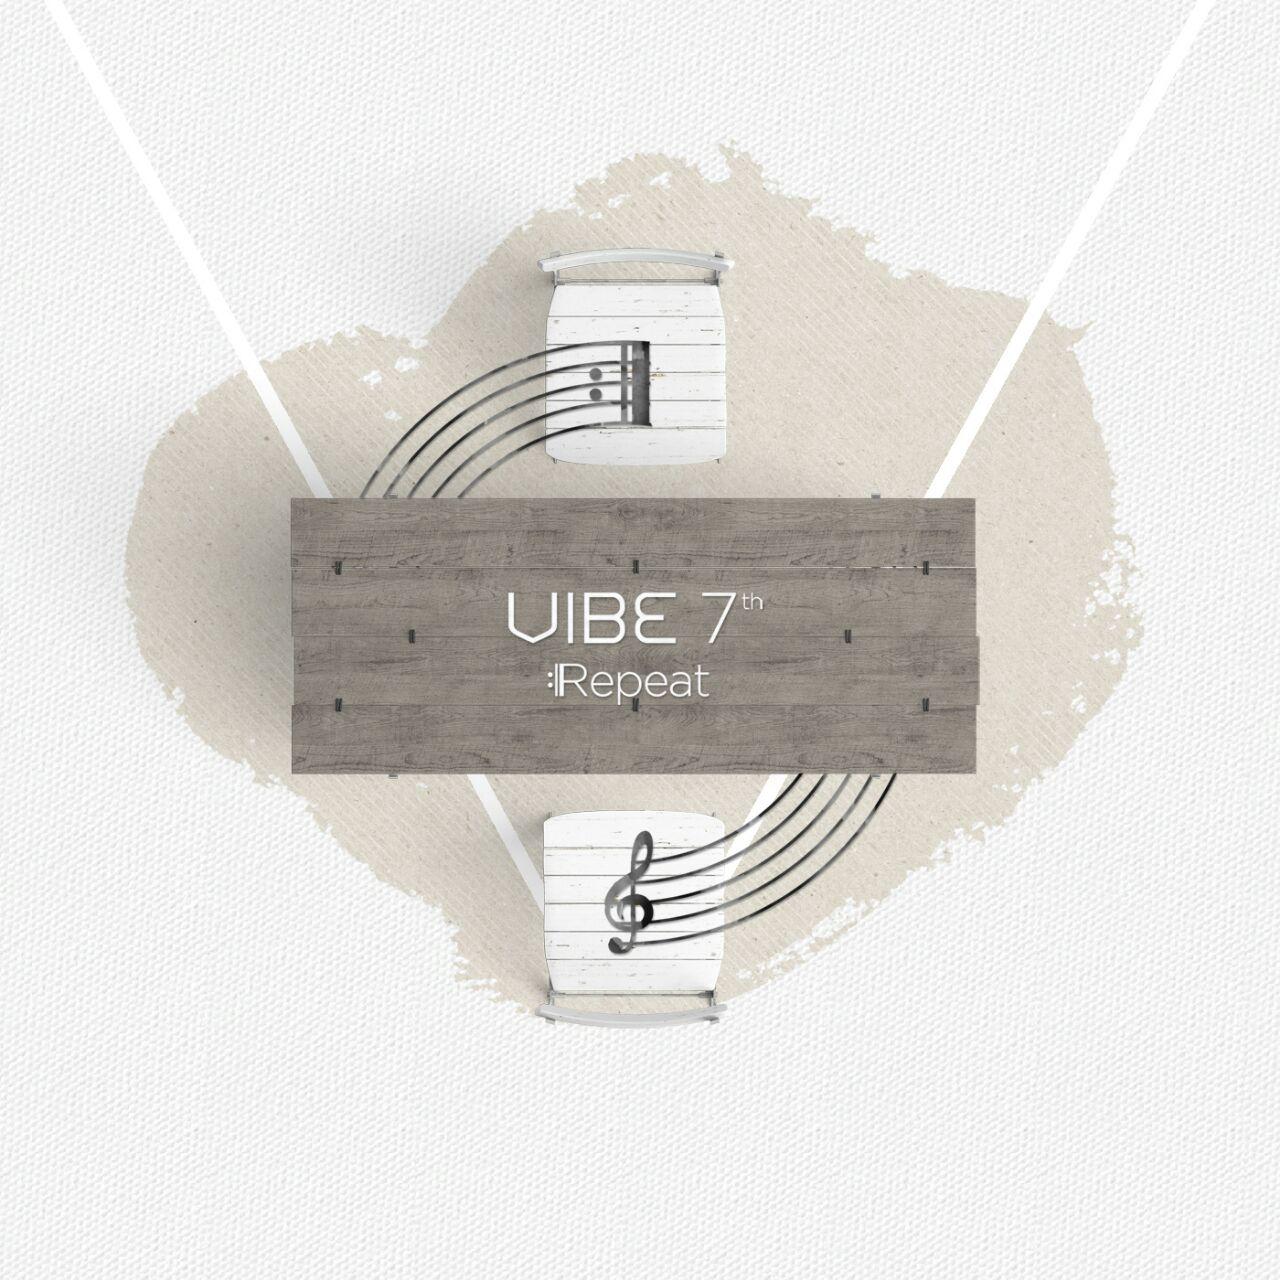 گروه کره ای Vibe به تازگی هفمین آلبومشون رو با 14 آهنگ منتشر کردن...